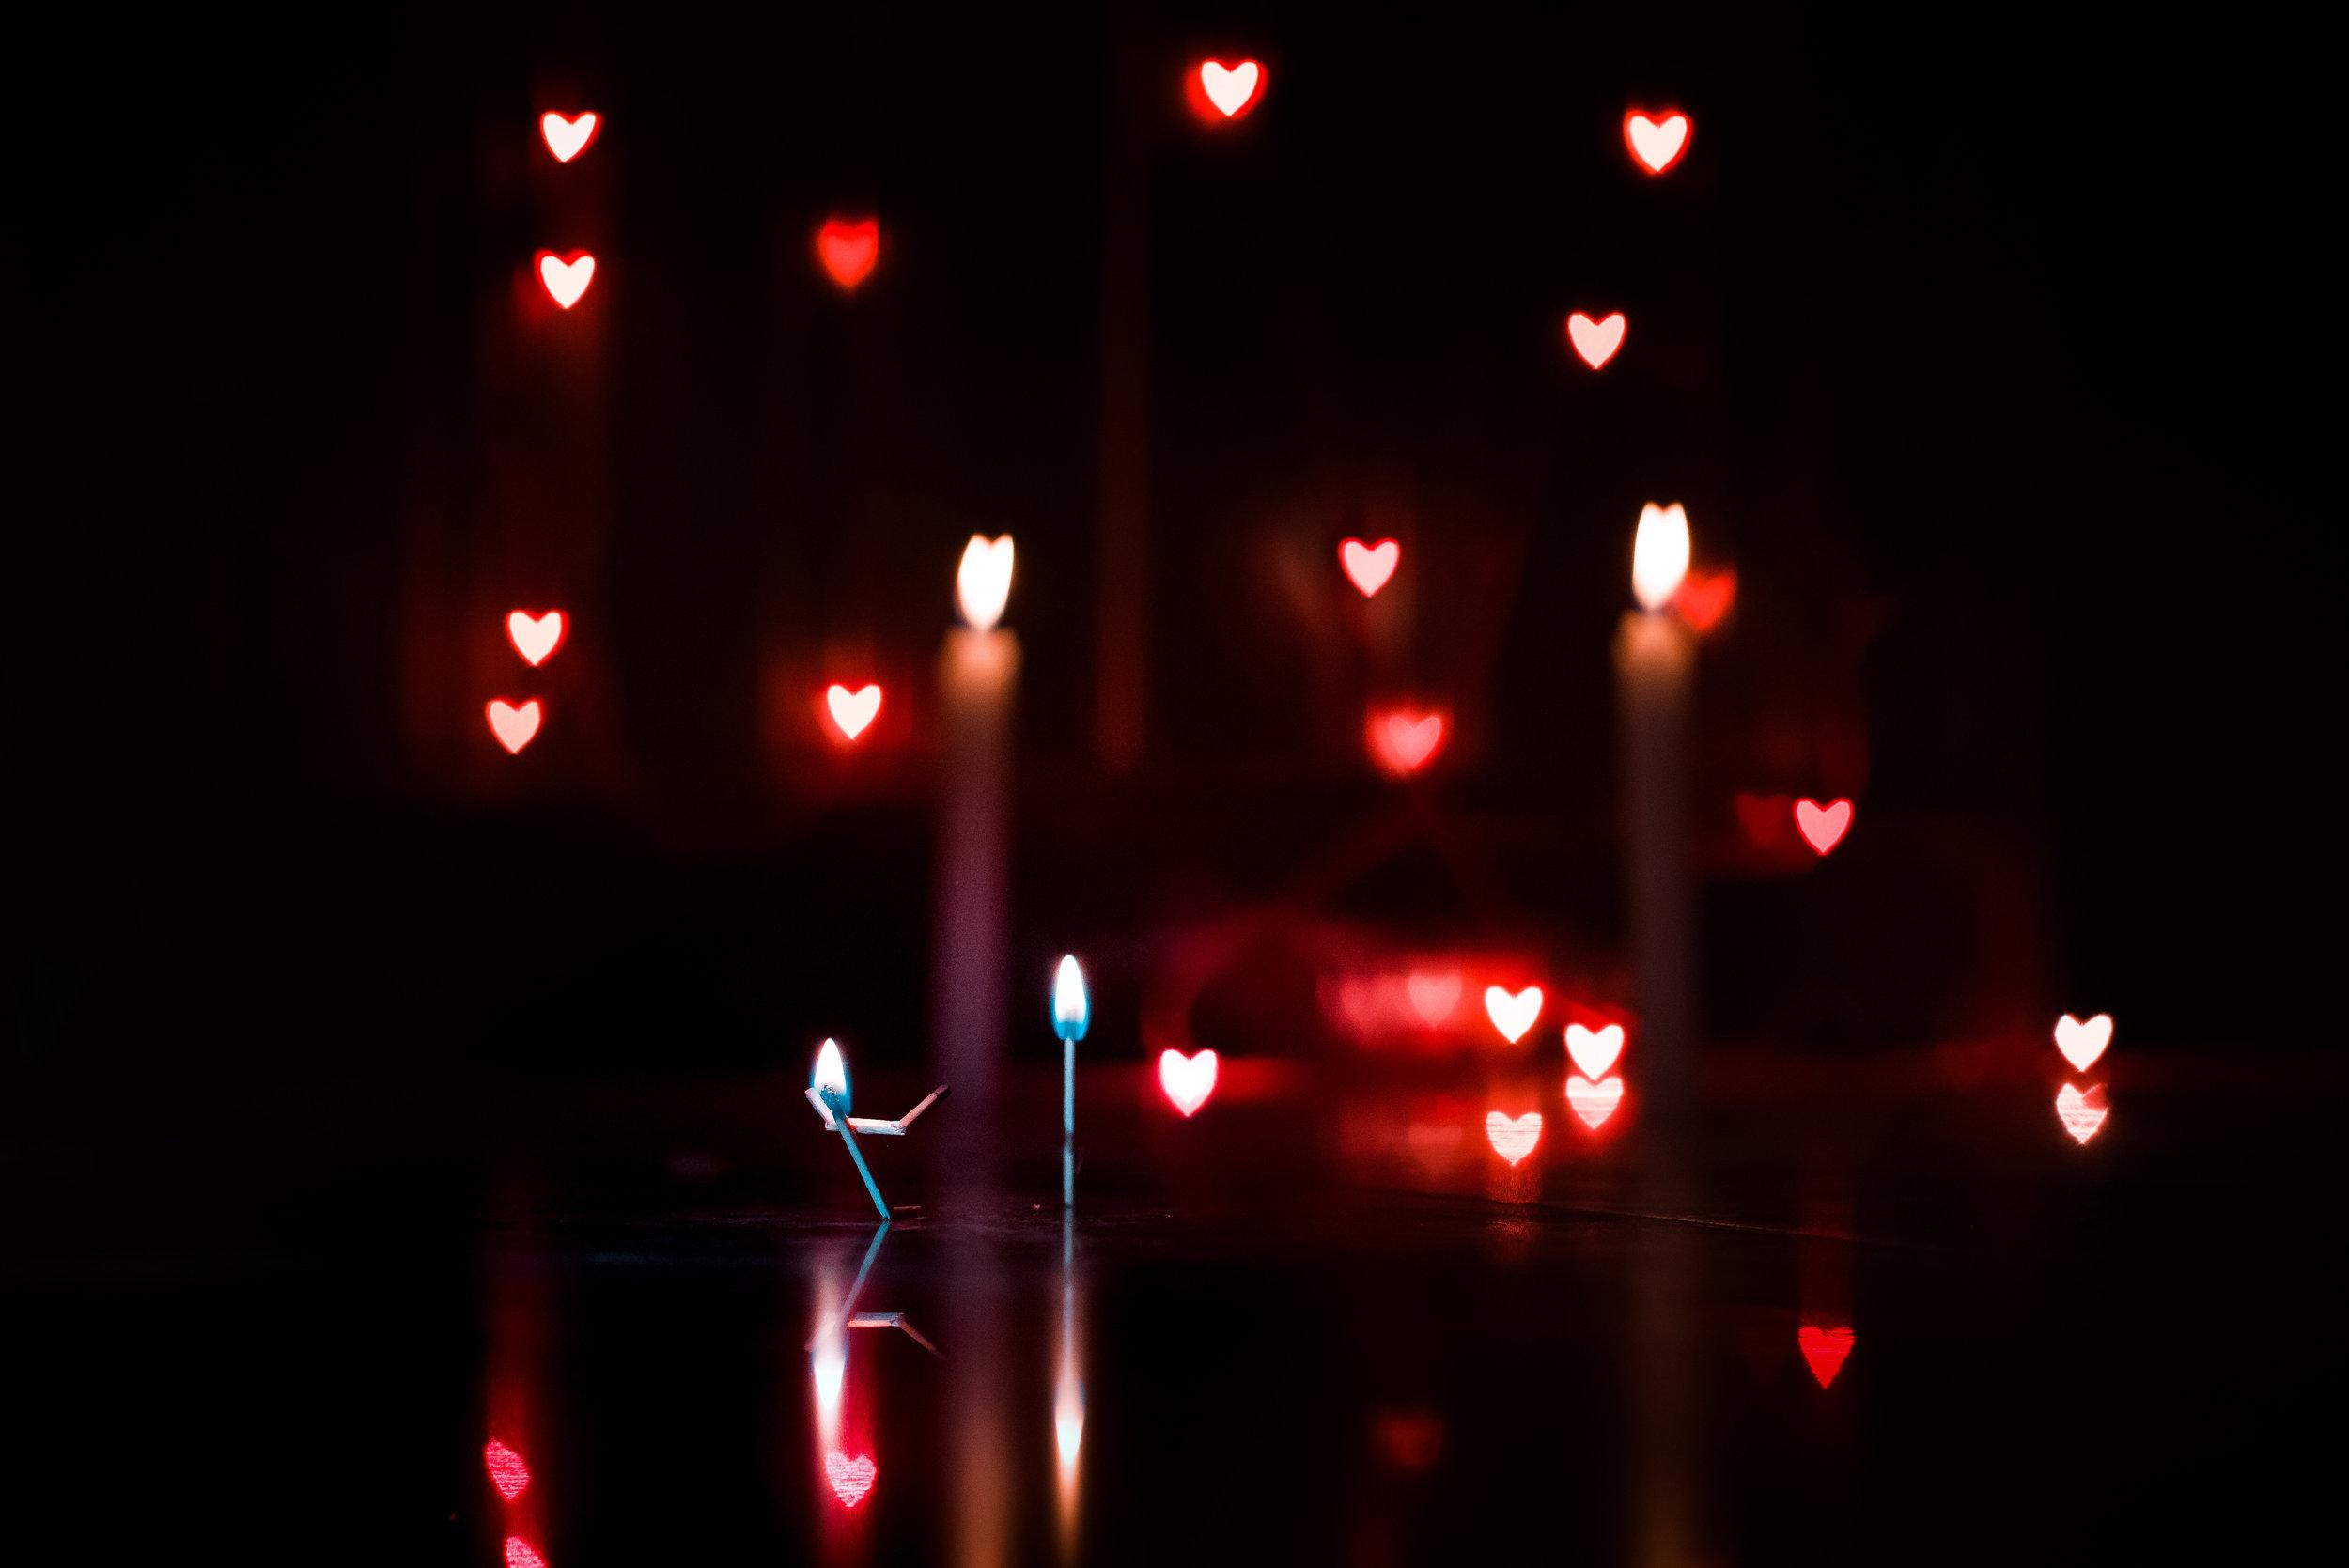 El Amor vence y supera los miedos, el Amor no caduca, se entrega sin límites y nos hace más felices. -